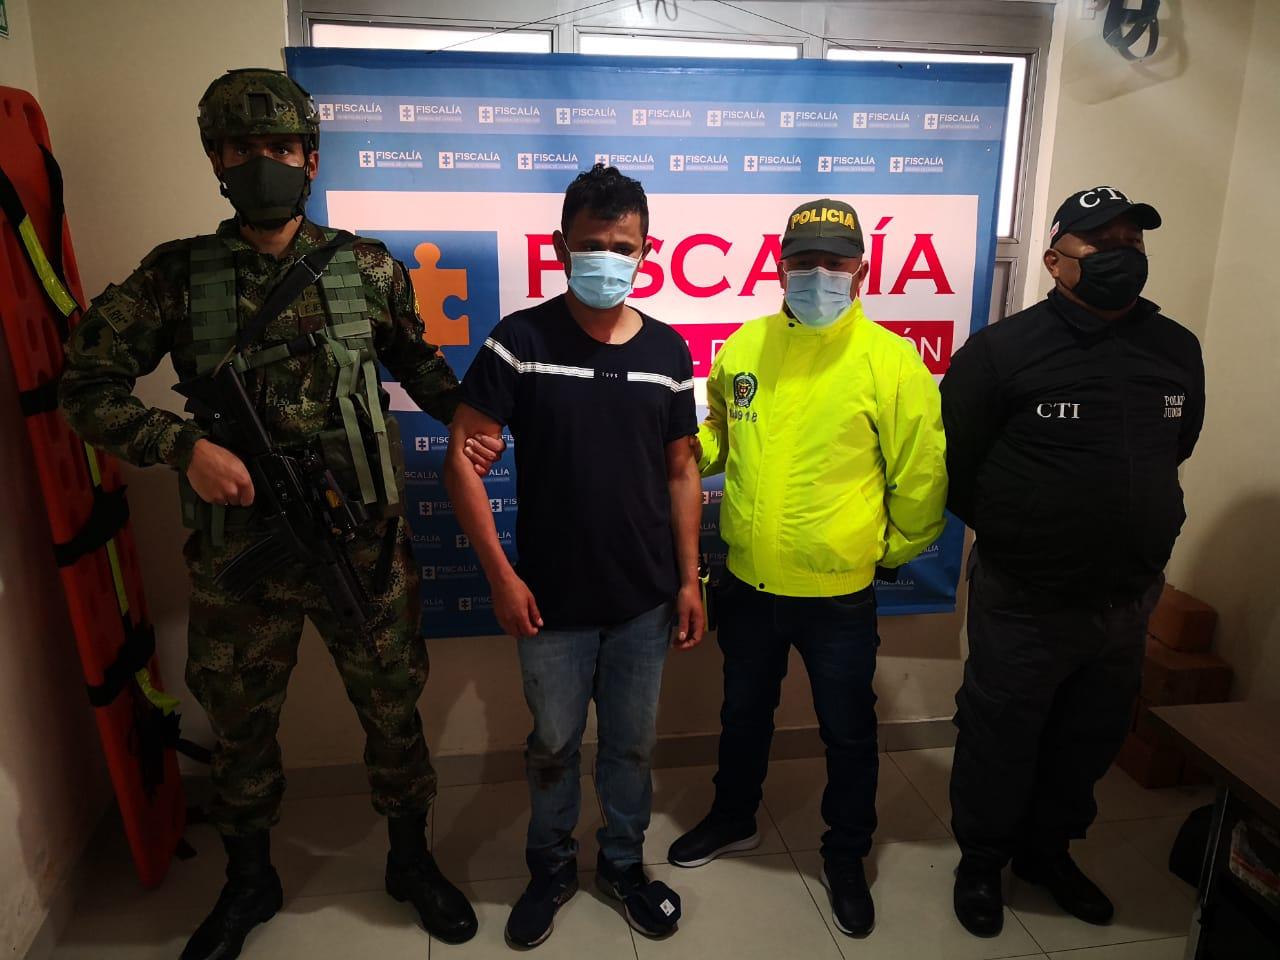 CÁRCEL PARA UN PRESUNTO INTEGRANTE DEL ELN QUE HABRÍA PARTICIPADO EN EMBOSCADA QUE DEJÓ DOS POLICÍAS MUERTOS EN NARIÑO